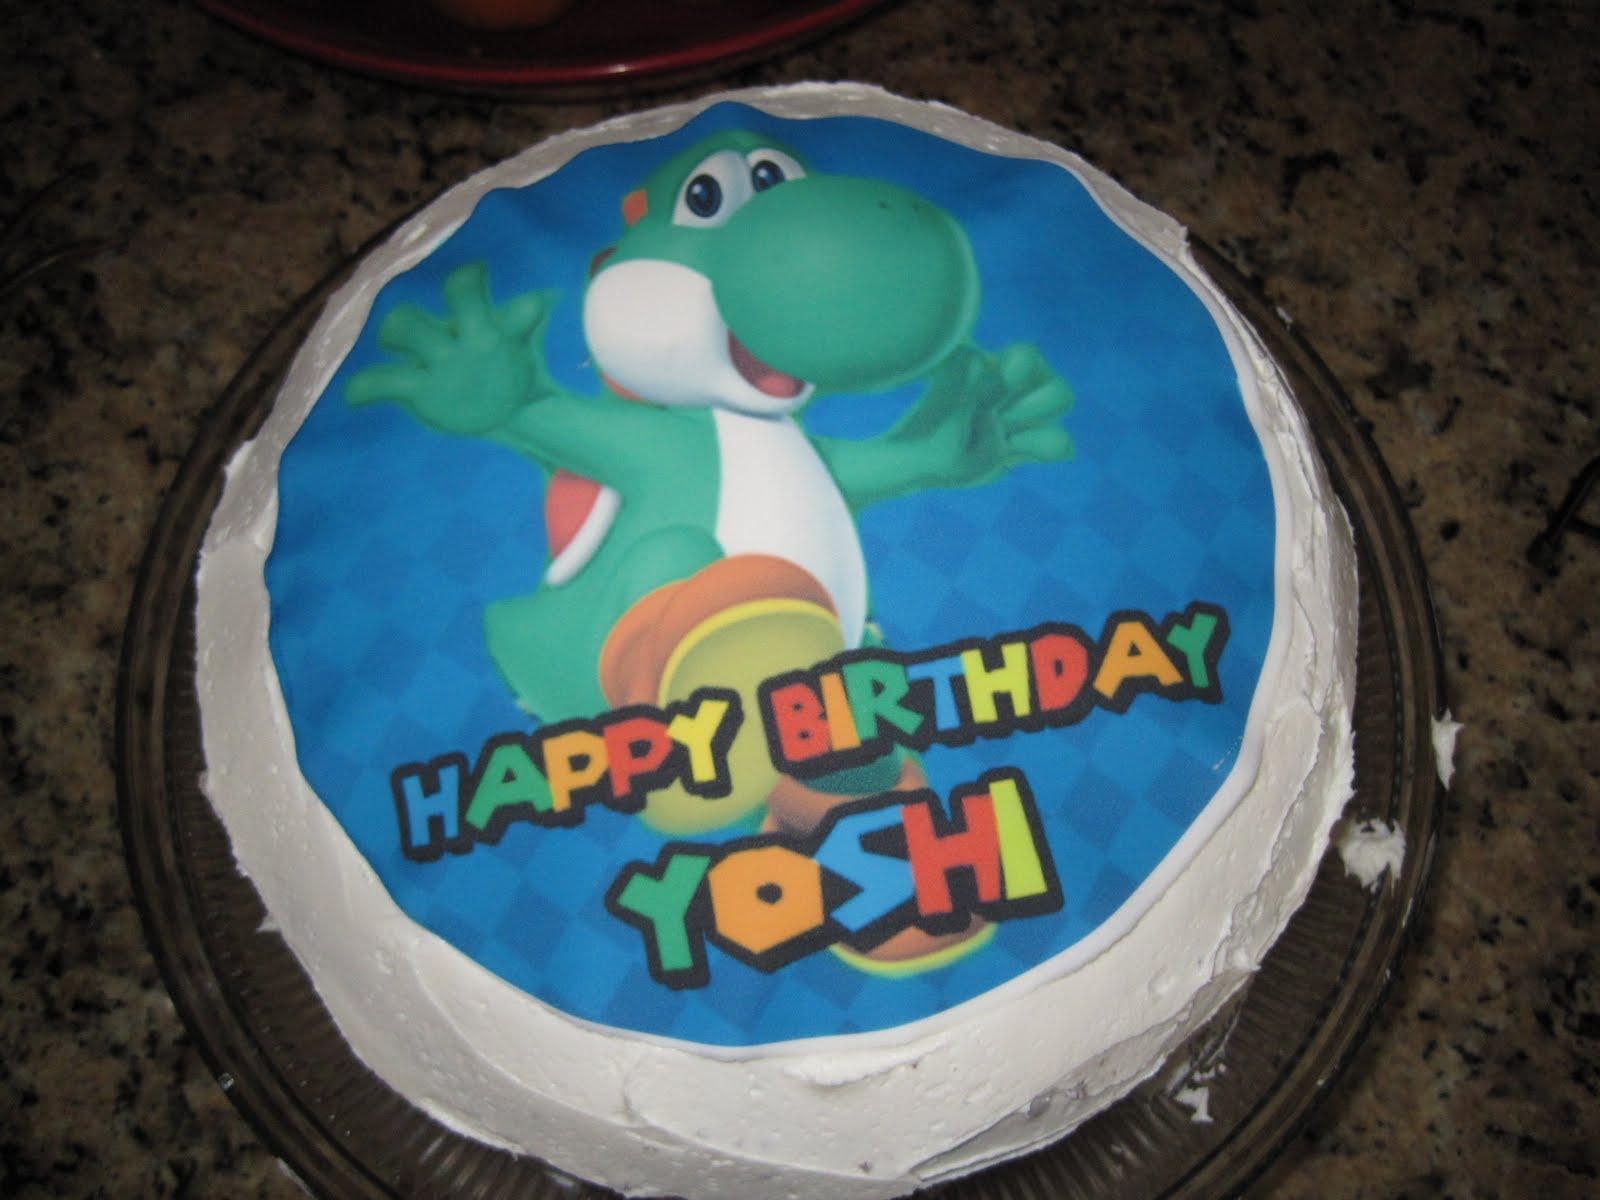 Happy-birthday-yoshi-D-yoshi-27006436-1600-1200.jpg